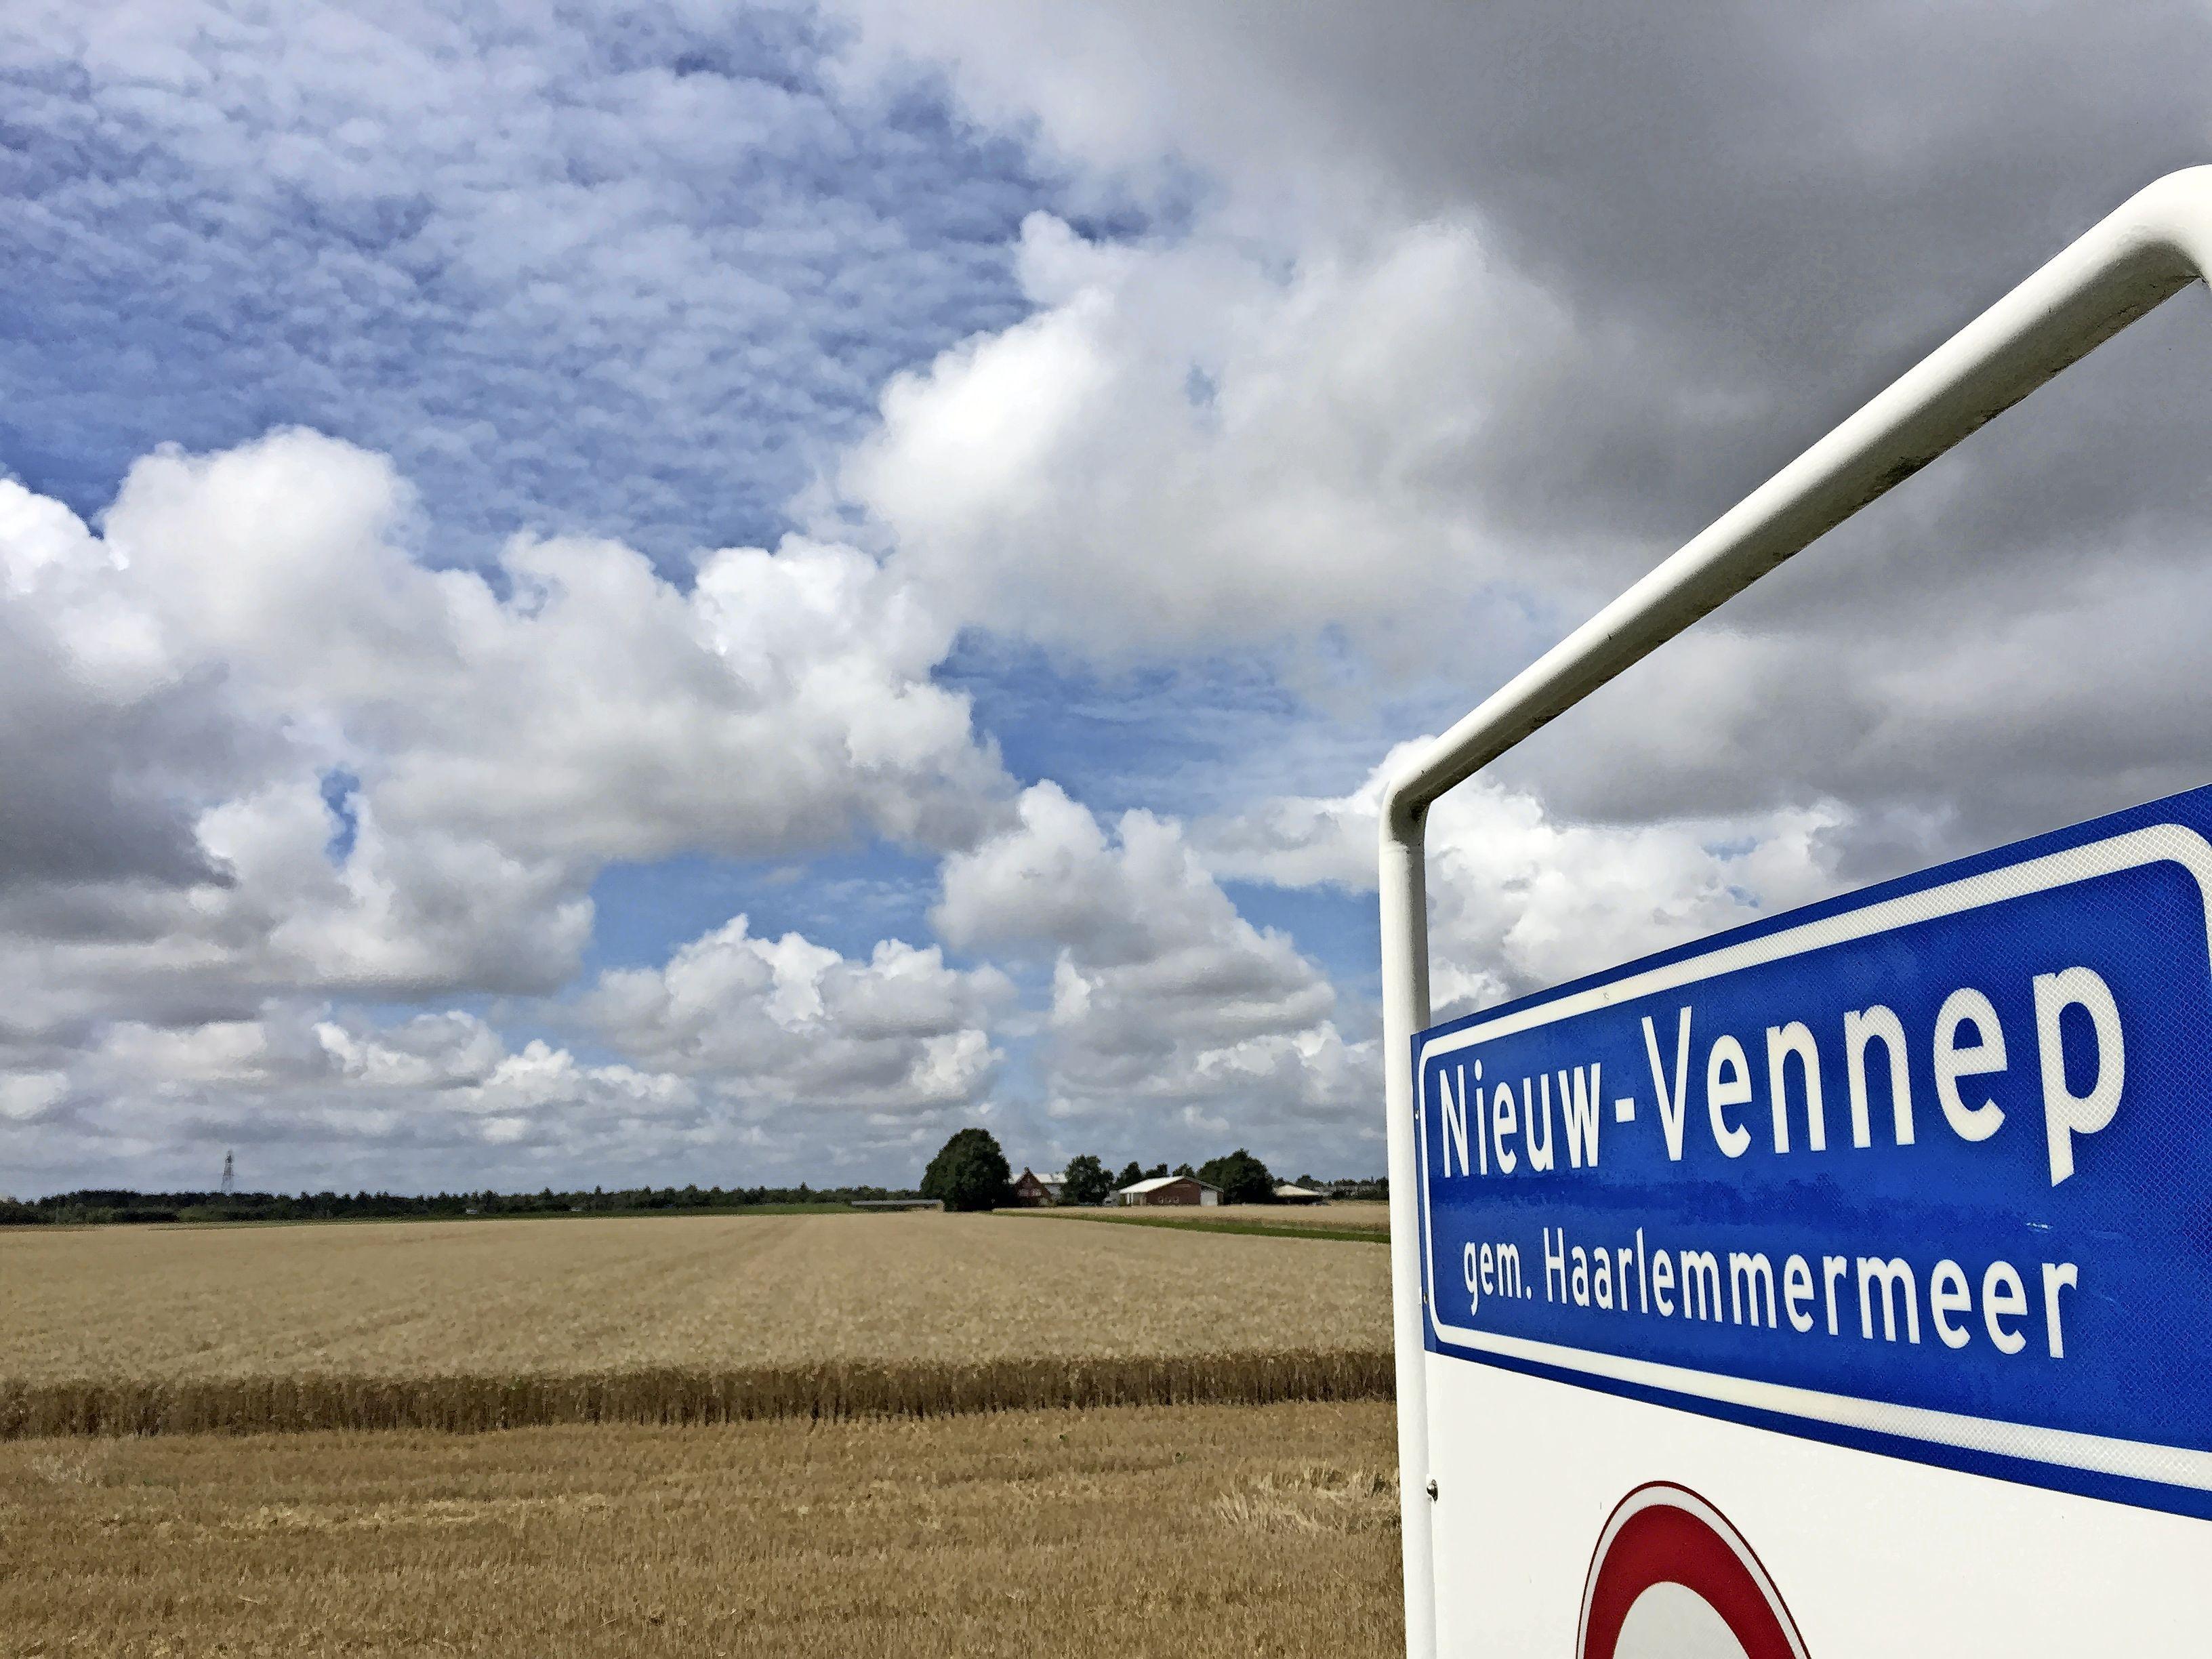 Discussie over aantal woningen in Nieuw-Vennep West, grondeigenaren willen er zoveel mogelijk